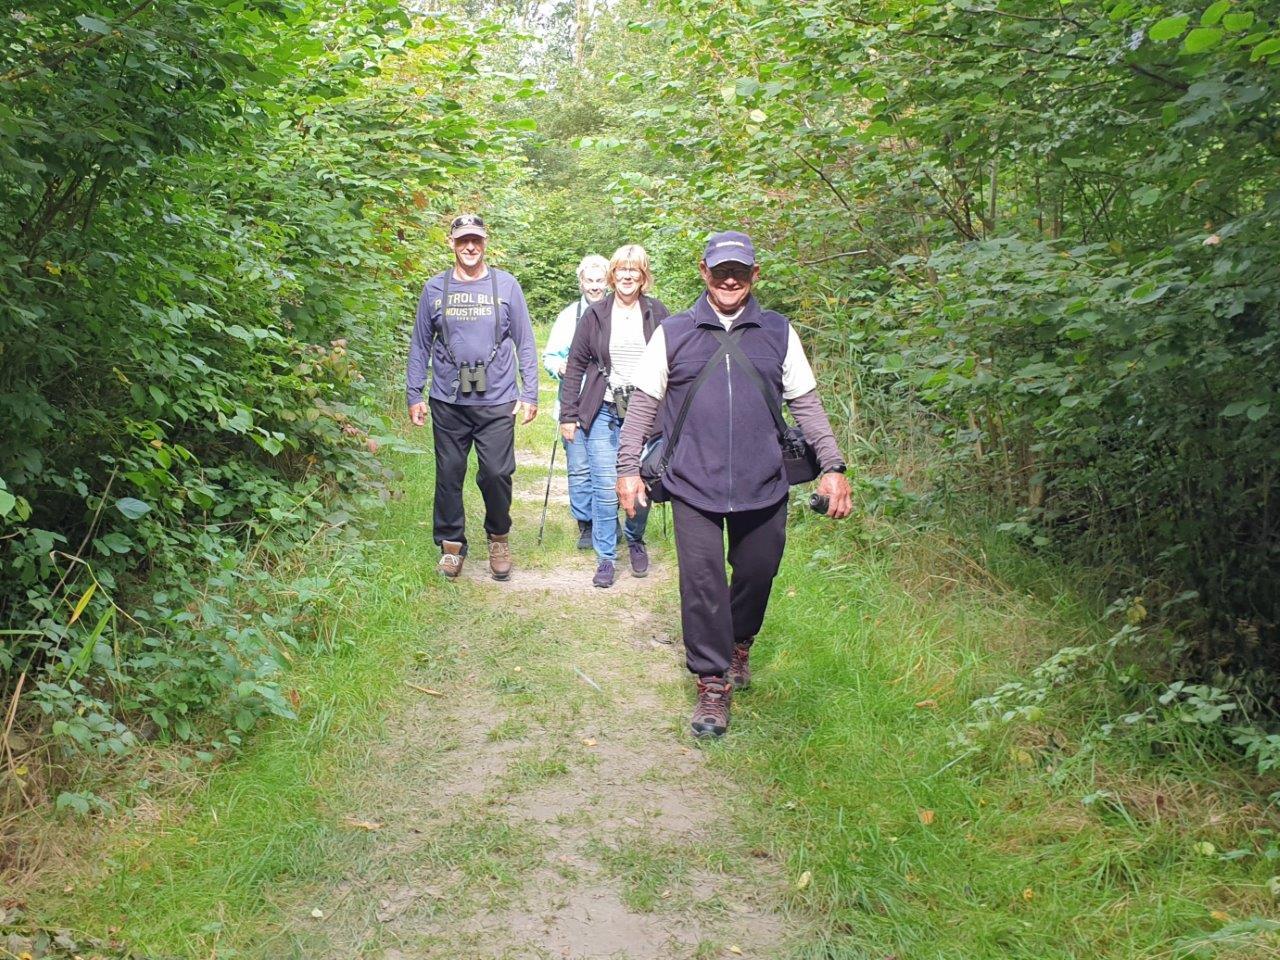 Deelnemers in het bos